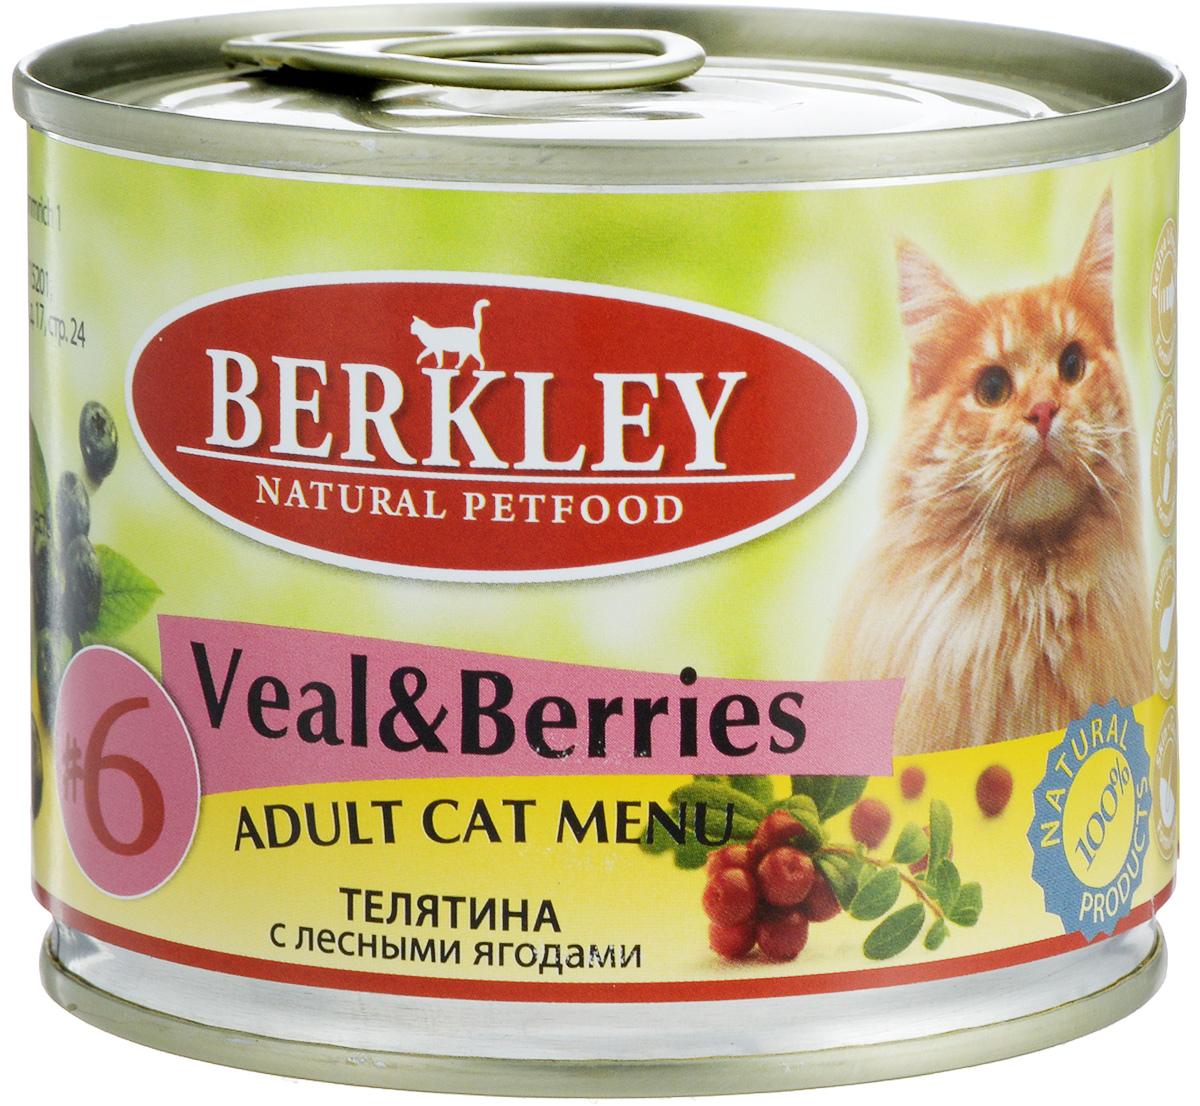 Консервы для кошек Berkley №6, телятина с лесными ягодами, 200 г консервы berkley для взрослых кошек с цыпленком и овощами 100 г